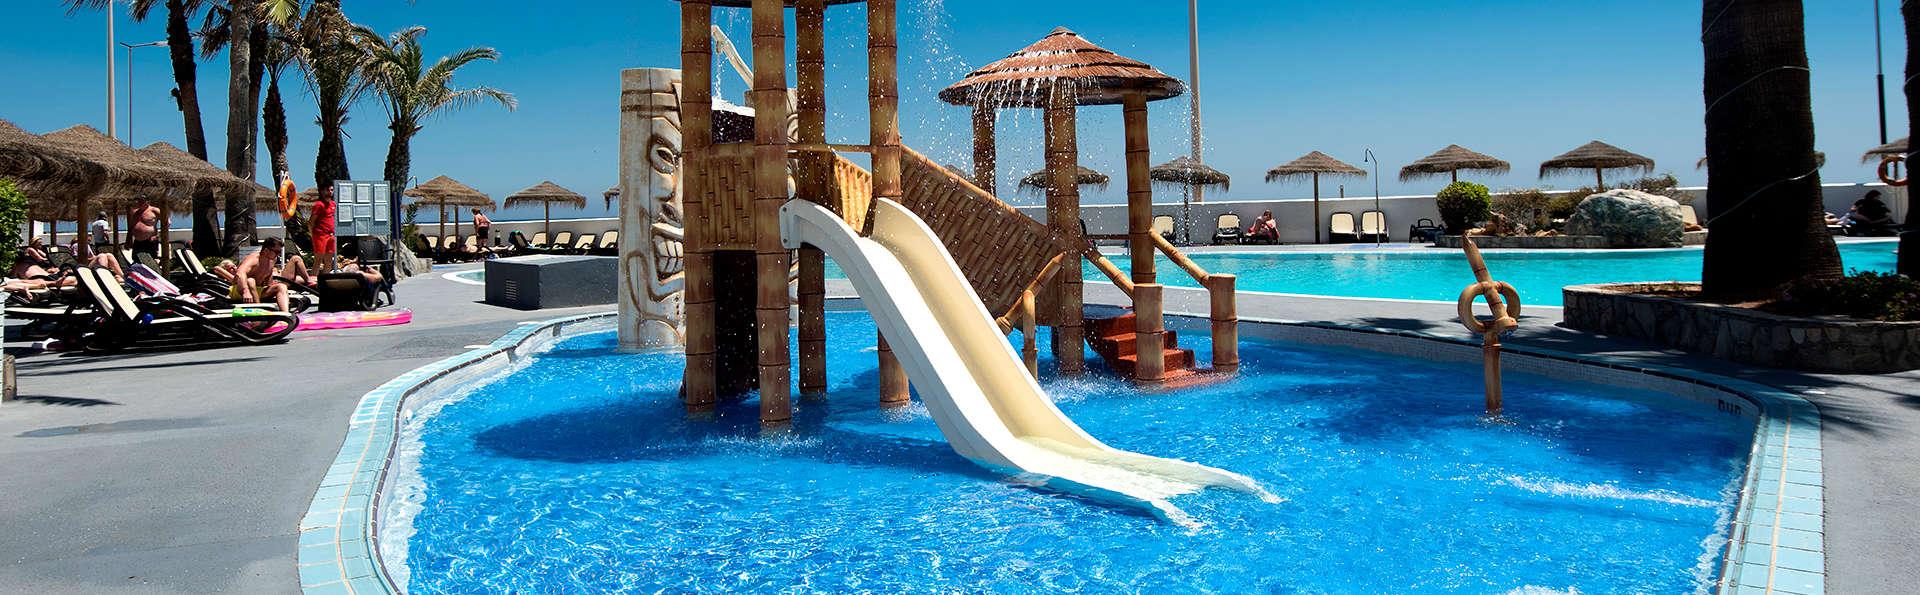 Escapade en famille: hôtel en bord de mer de Playa Serena, à Roquetas de Mar (Almeria)